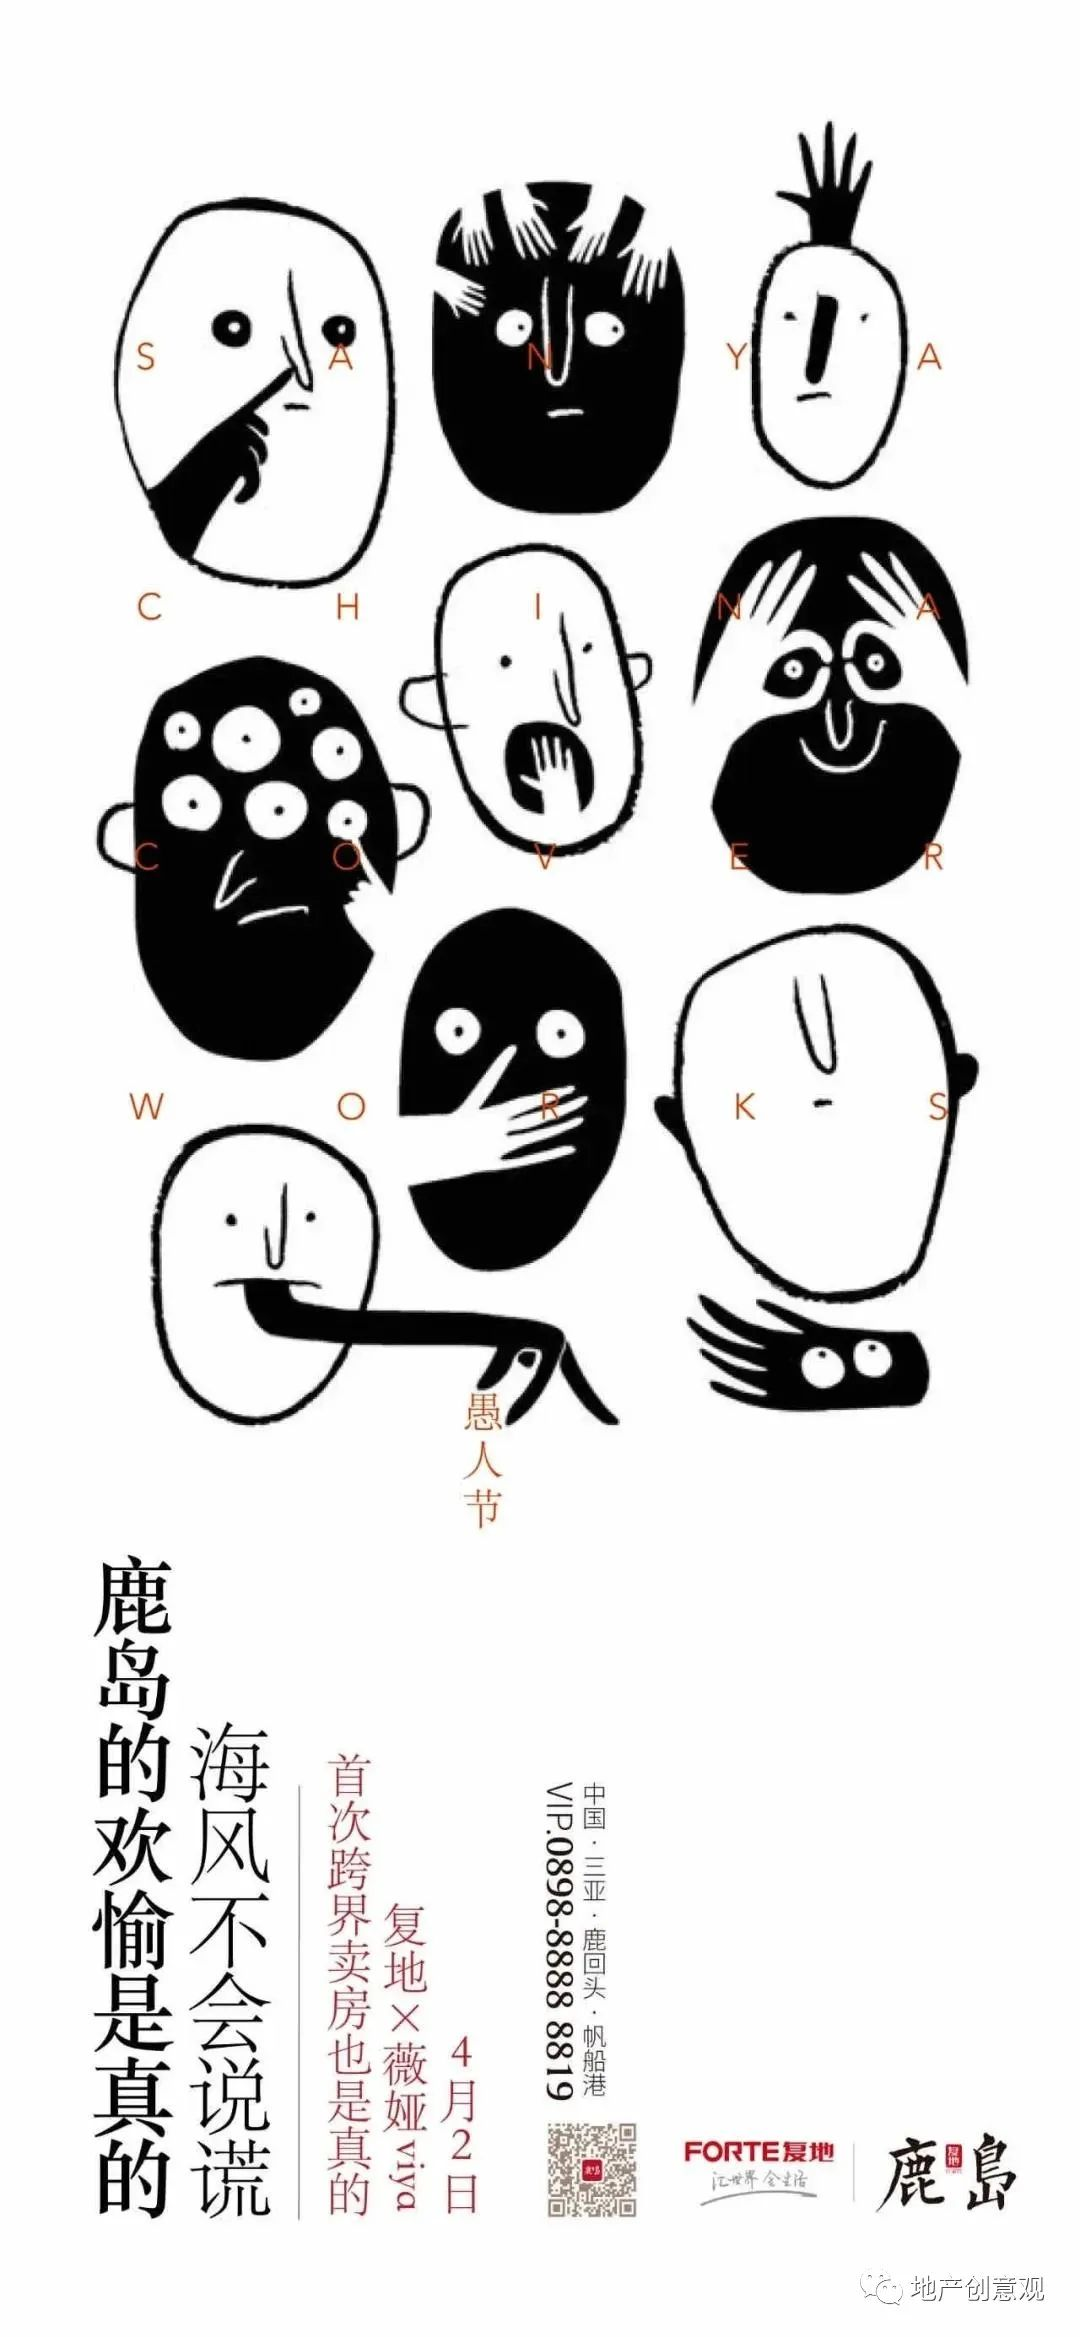 地产广告丨2021愚人节借势海报文案欣赏~插图118